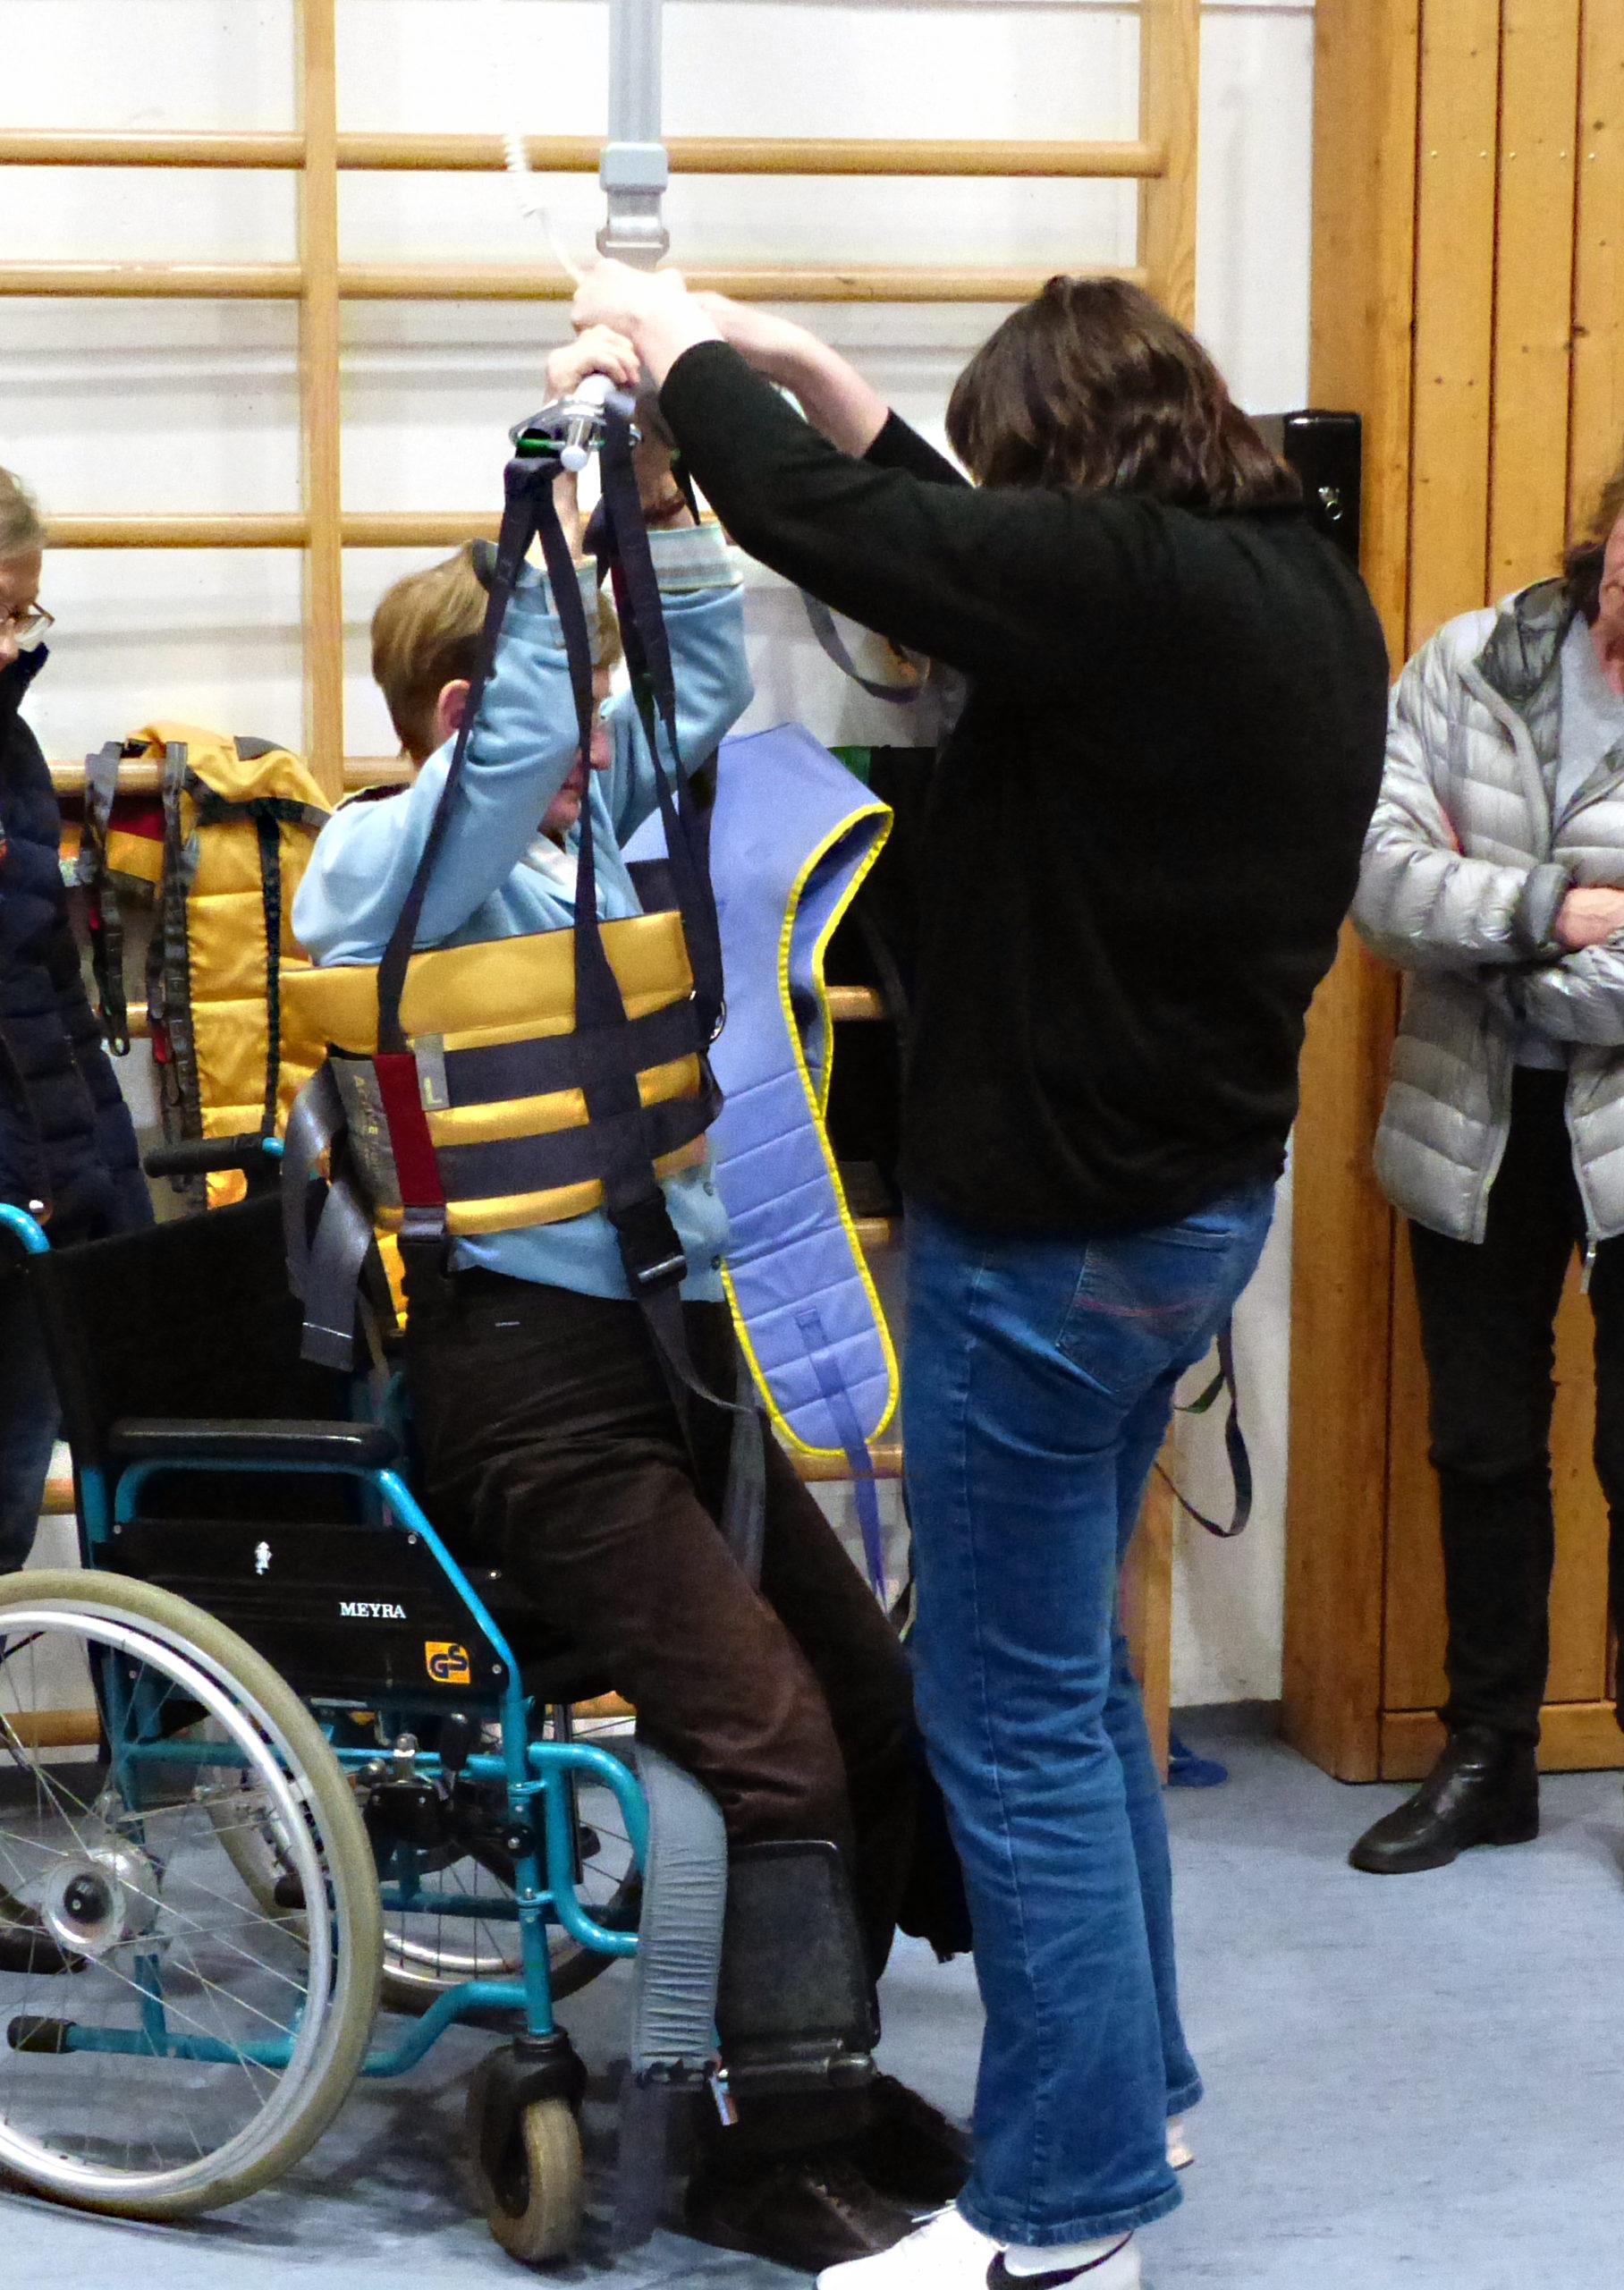 Lifter um Personen aus dem Rollstuhl zu heben